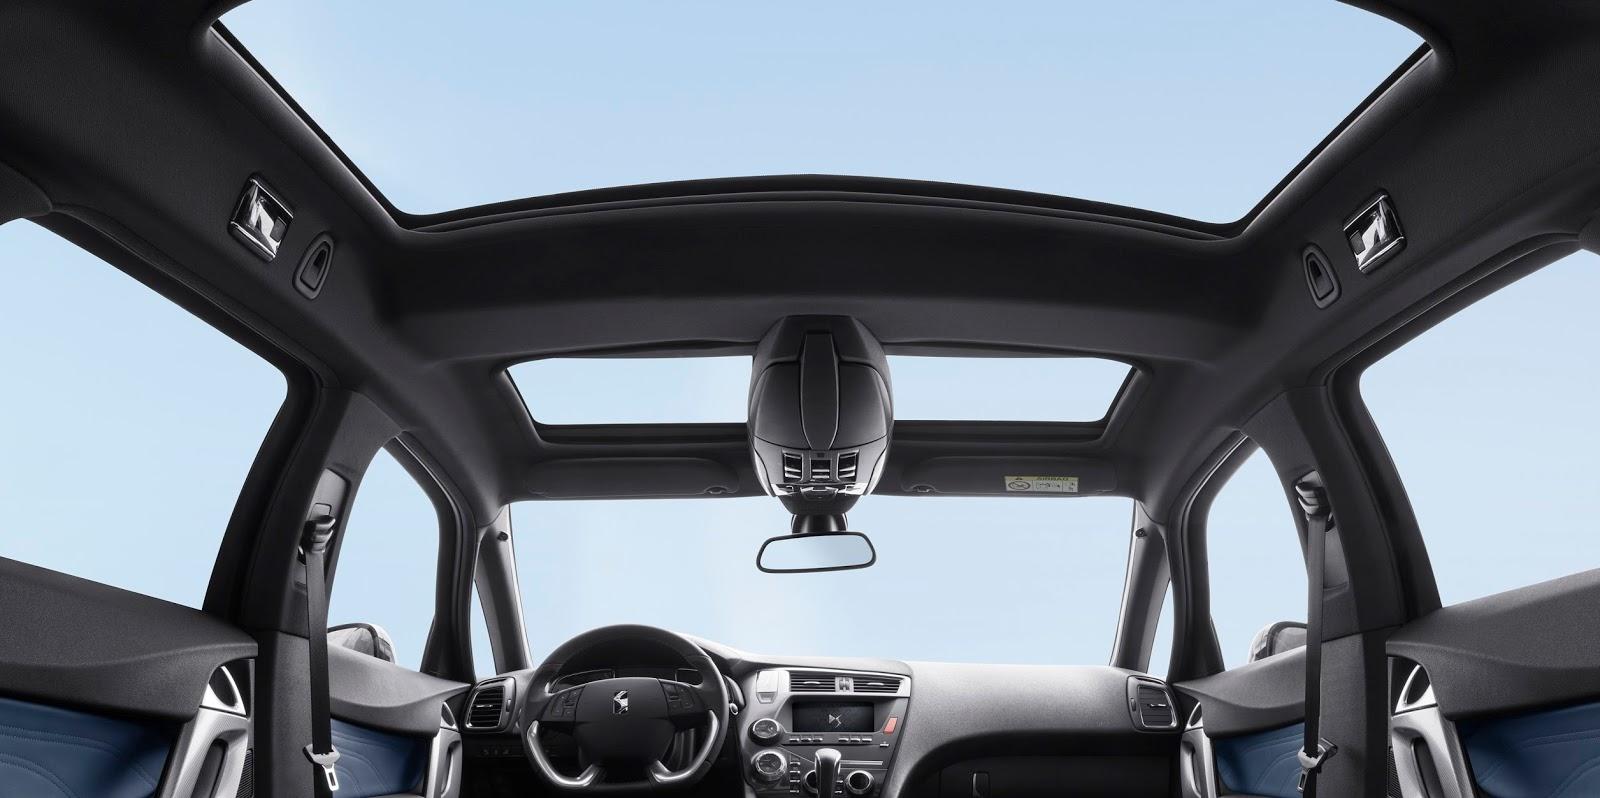 CL%2B15.045.015 Στο Σαλόνι Αυτοκινήτου της Γενεύης η παγκόσμια πρεμιέρα για το DS 3 PERFORMANCE & DS 3 Cabrio PERFORMANCE των 208 ίππων ds 3, DS 3 PERFORMANCE, DS 4, DS 4 Crossback, DS 5, DS Automobiles, Virtual Garage, Σαλόνι Αυτοκινήτου, Σαλόνι Αυτοκινήτου της Γενεύης